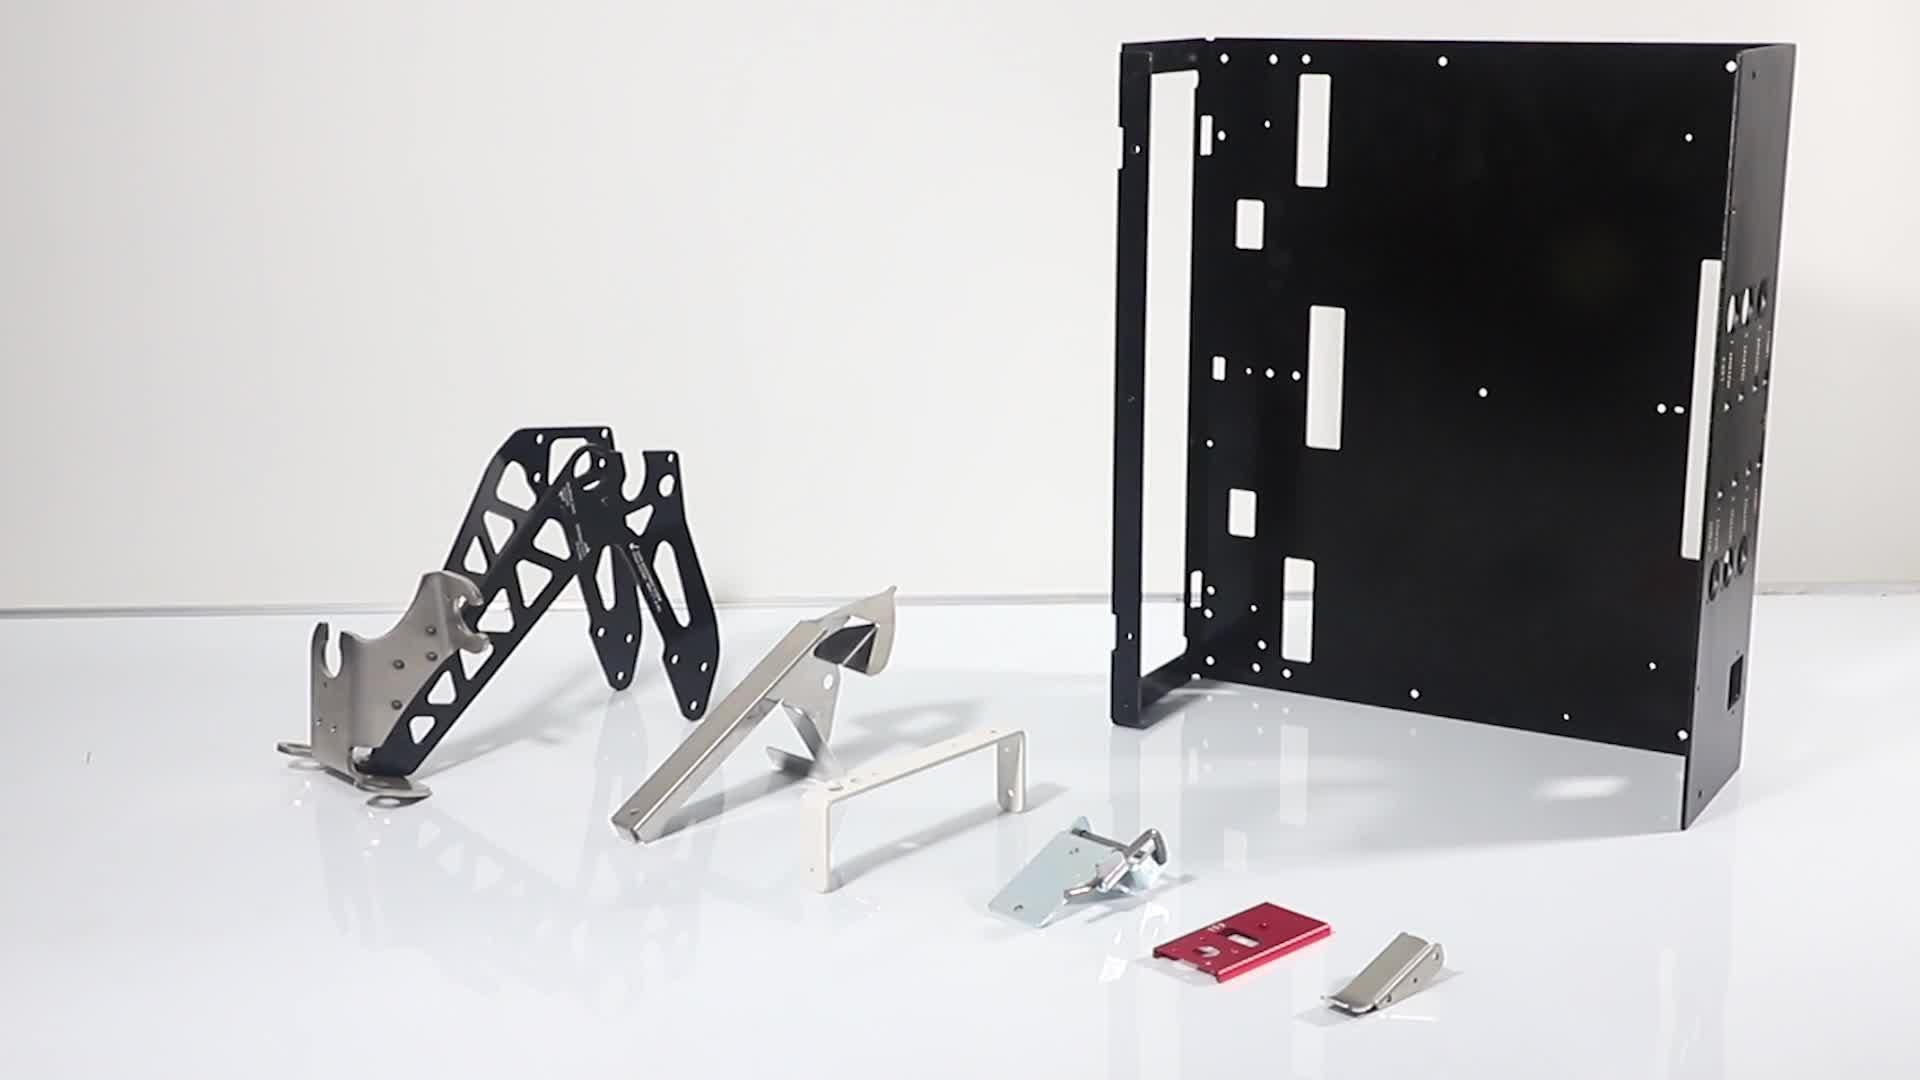 De la hoja de metal y de corte por láser parte fabricante de Shenzhen hoja de aluminio de fabricación de metal